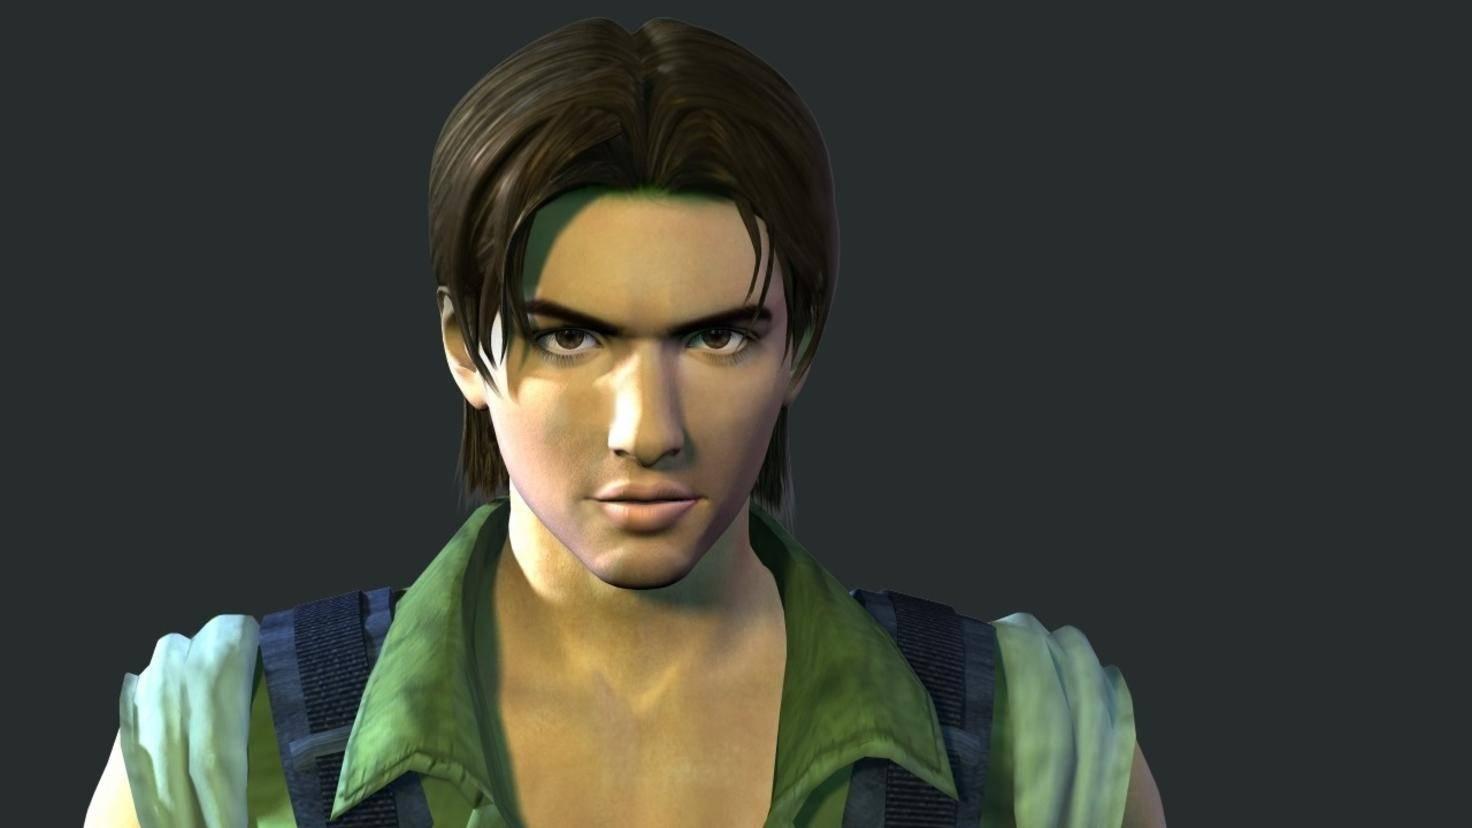 """Carlos Oliveira ist der zweite spielbare Charakter in """"Resident Evil 3""""."""